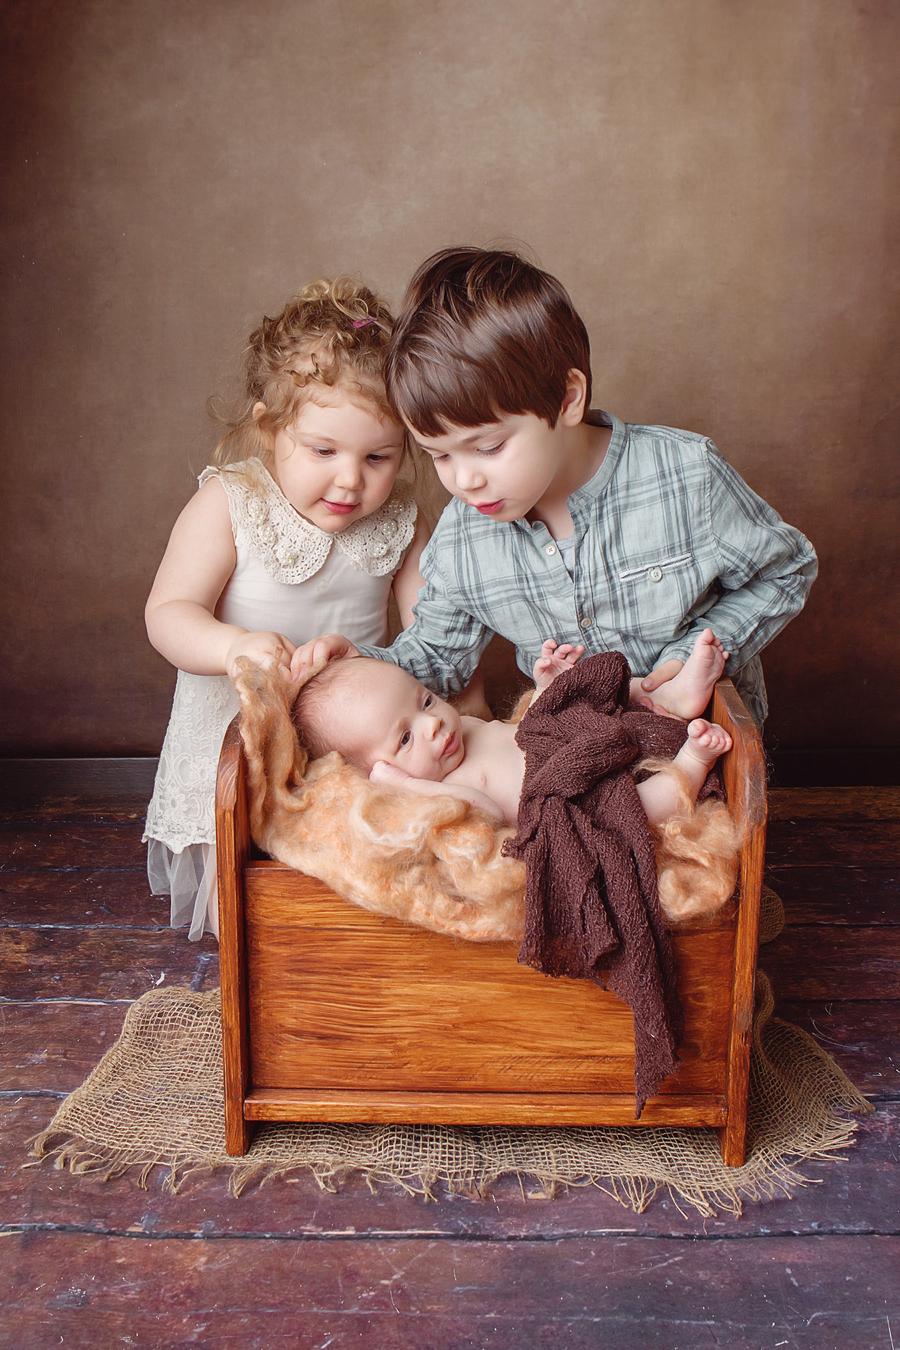 Familien Fotoshooting, Geschwister Fotofraf, Fotograf Paderborn, Neugeborenenshooting, Leon-11